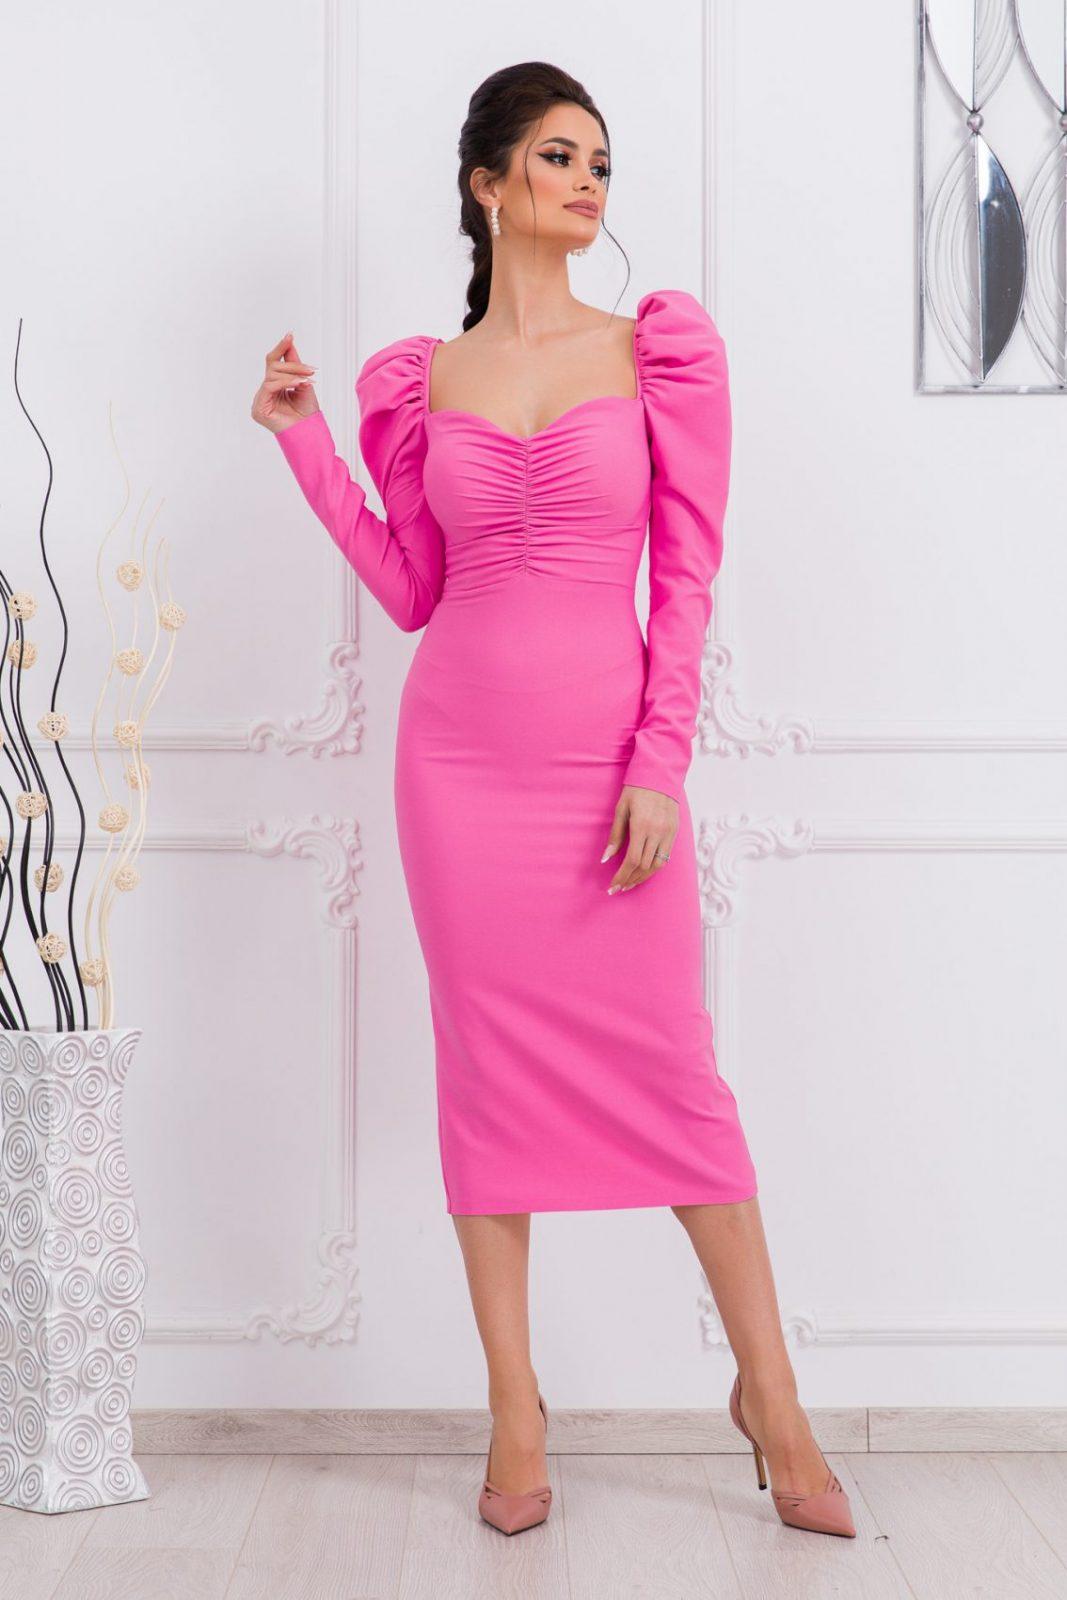 Ροζ Μίντι Φόρεμα Pandora 9702 1